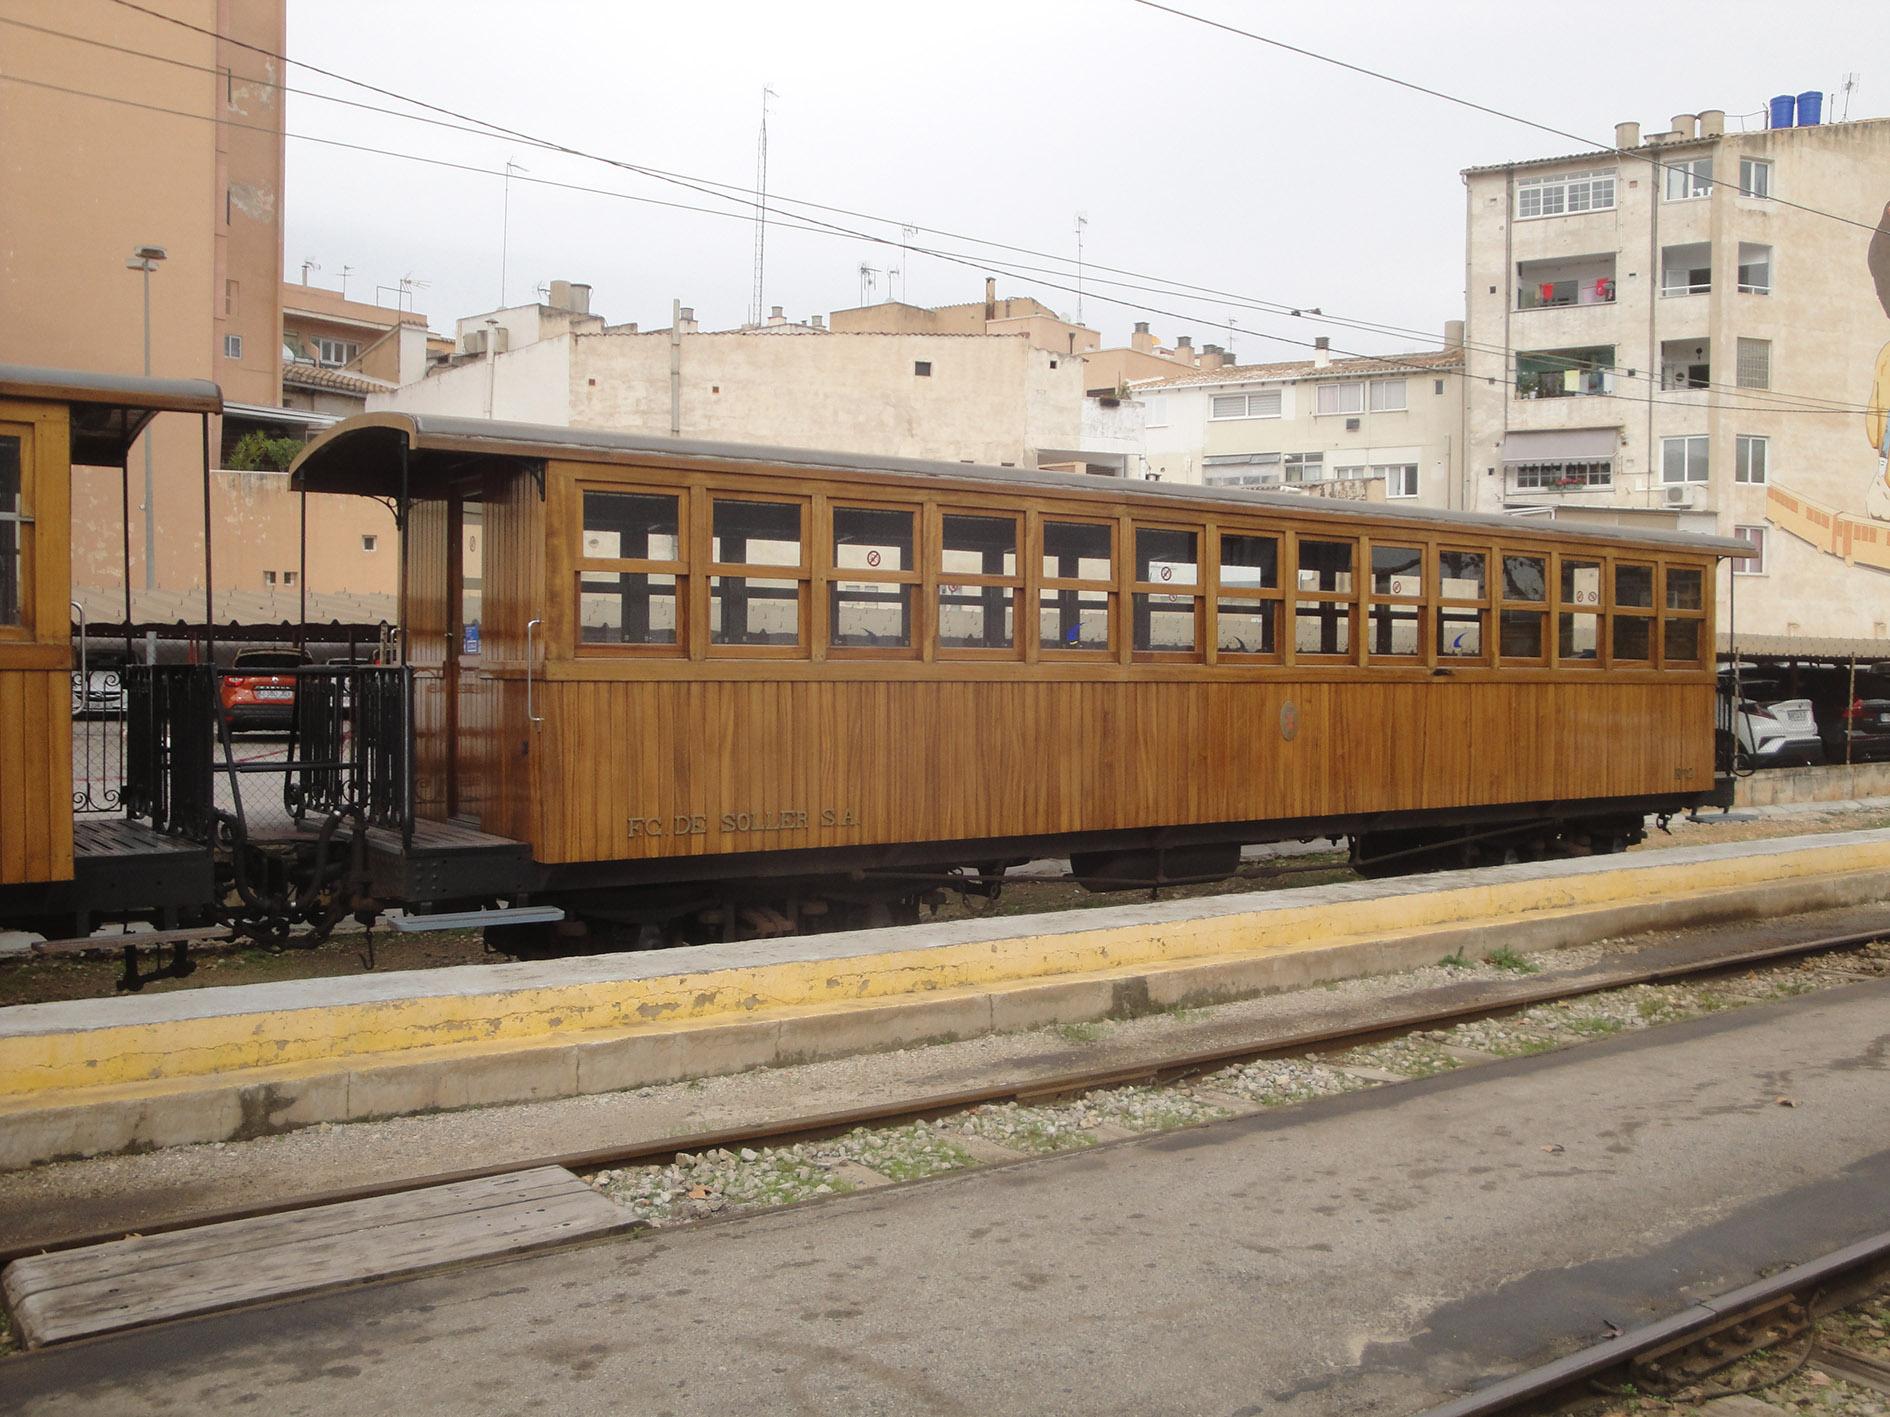 26.12.2019 Tren de Sóller  Palma de Mallorca -  Jordi Bibià